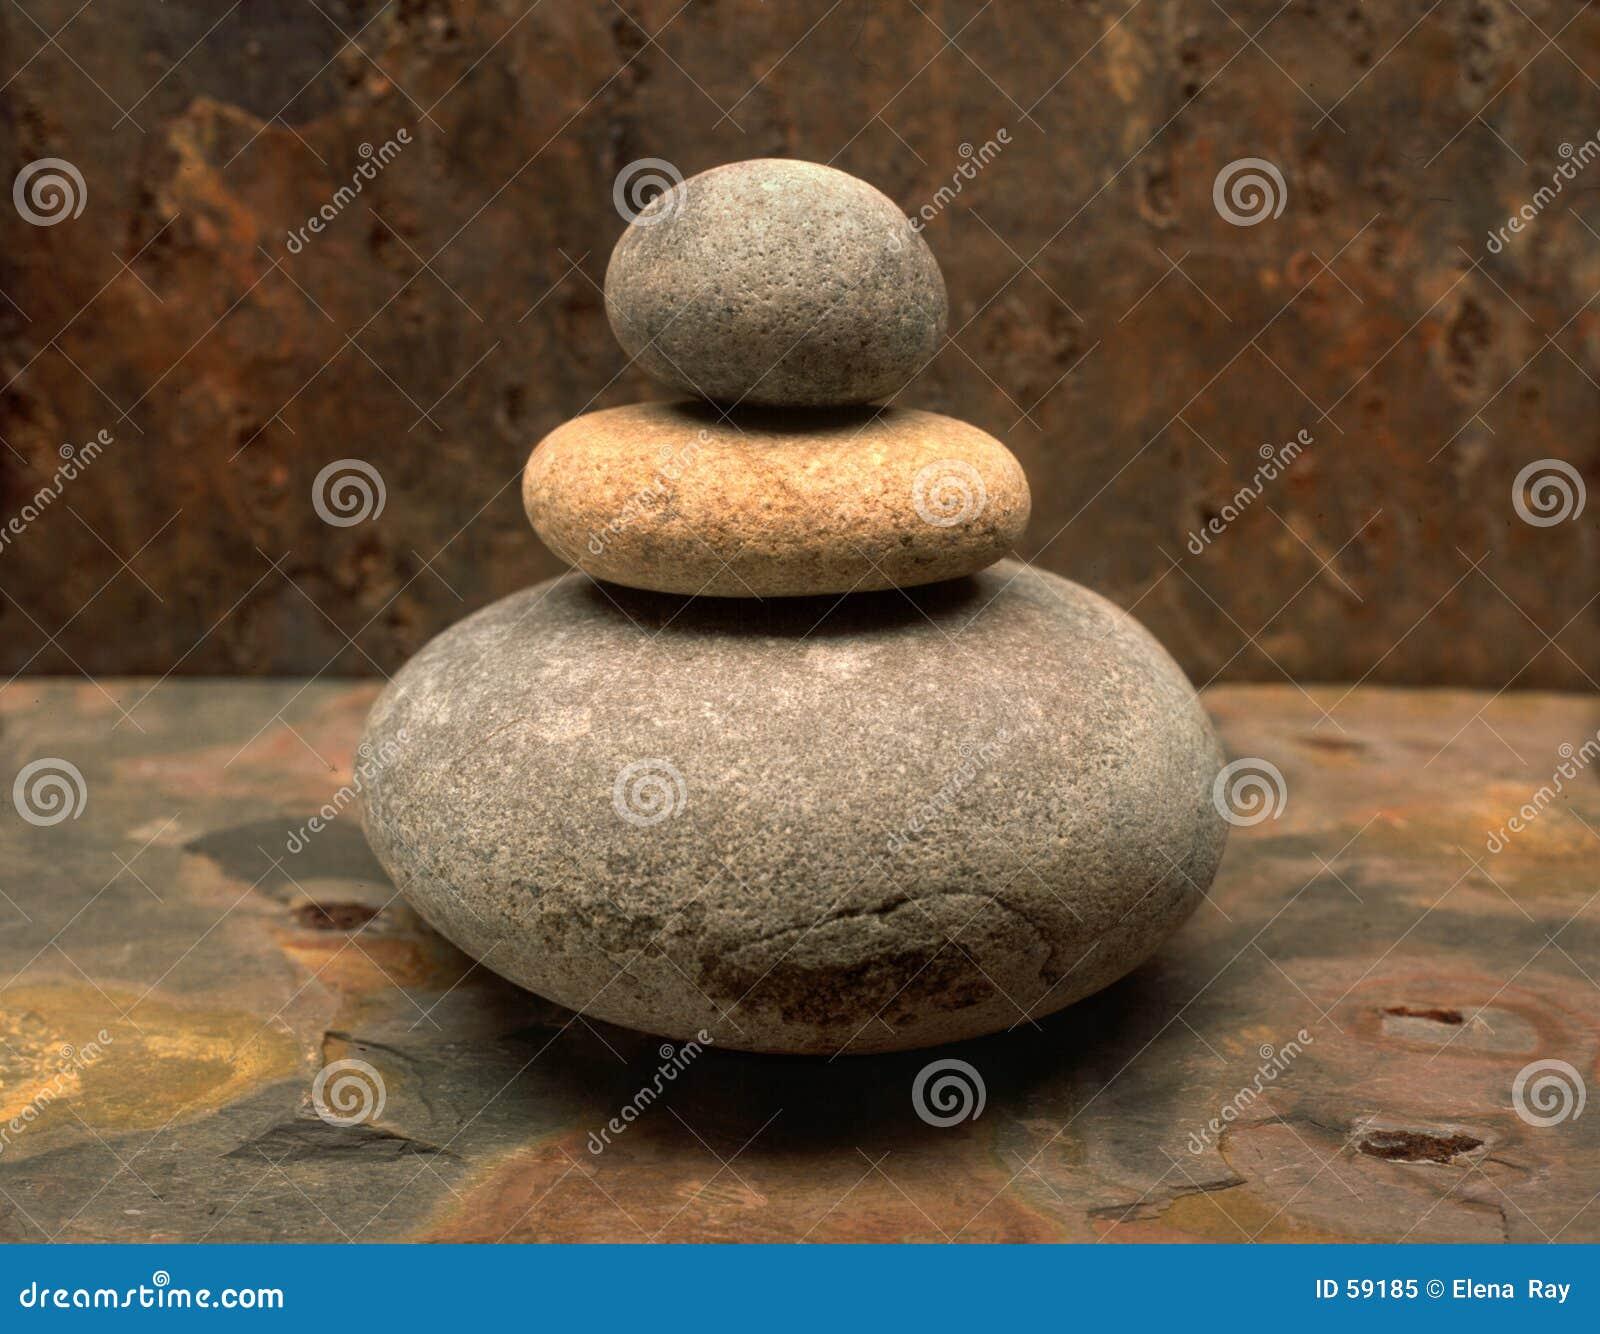 Stones On Stone